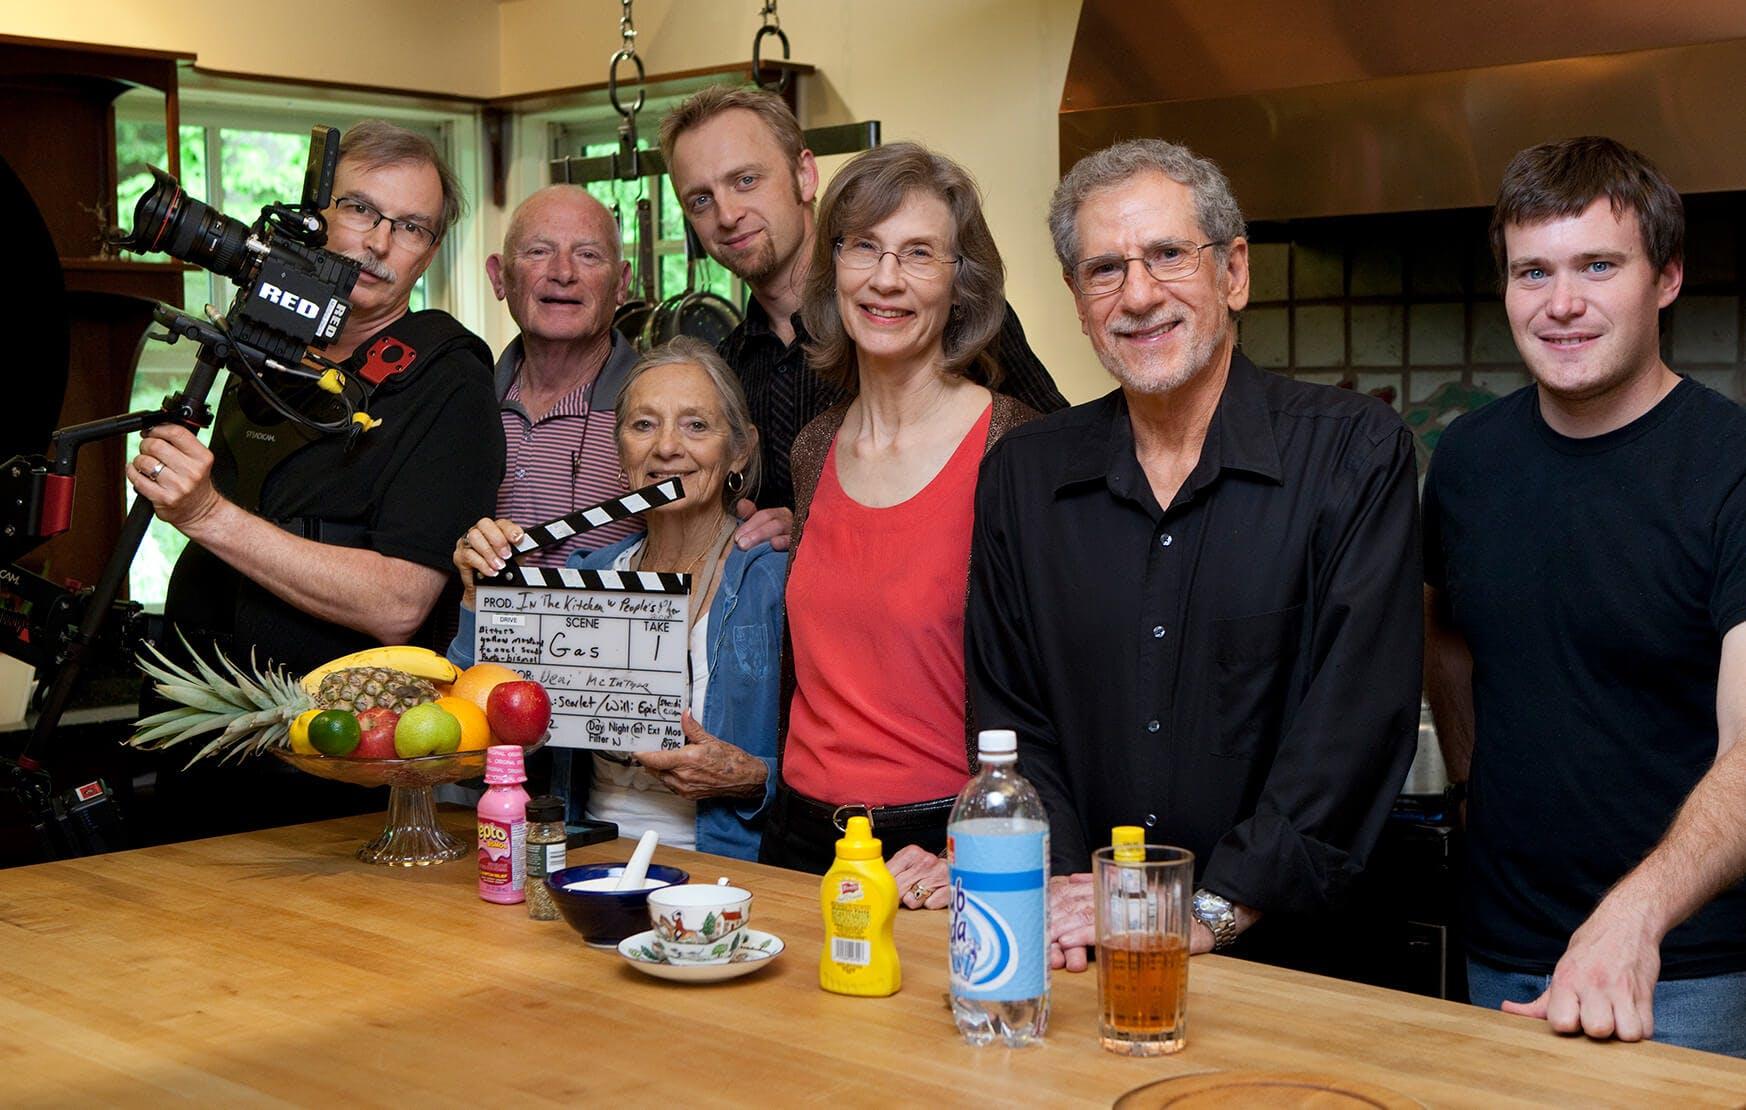 Joe and Terry Graedon with film crew